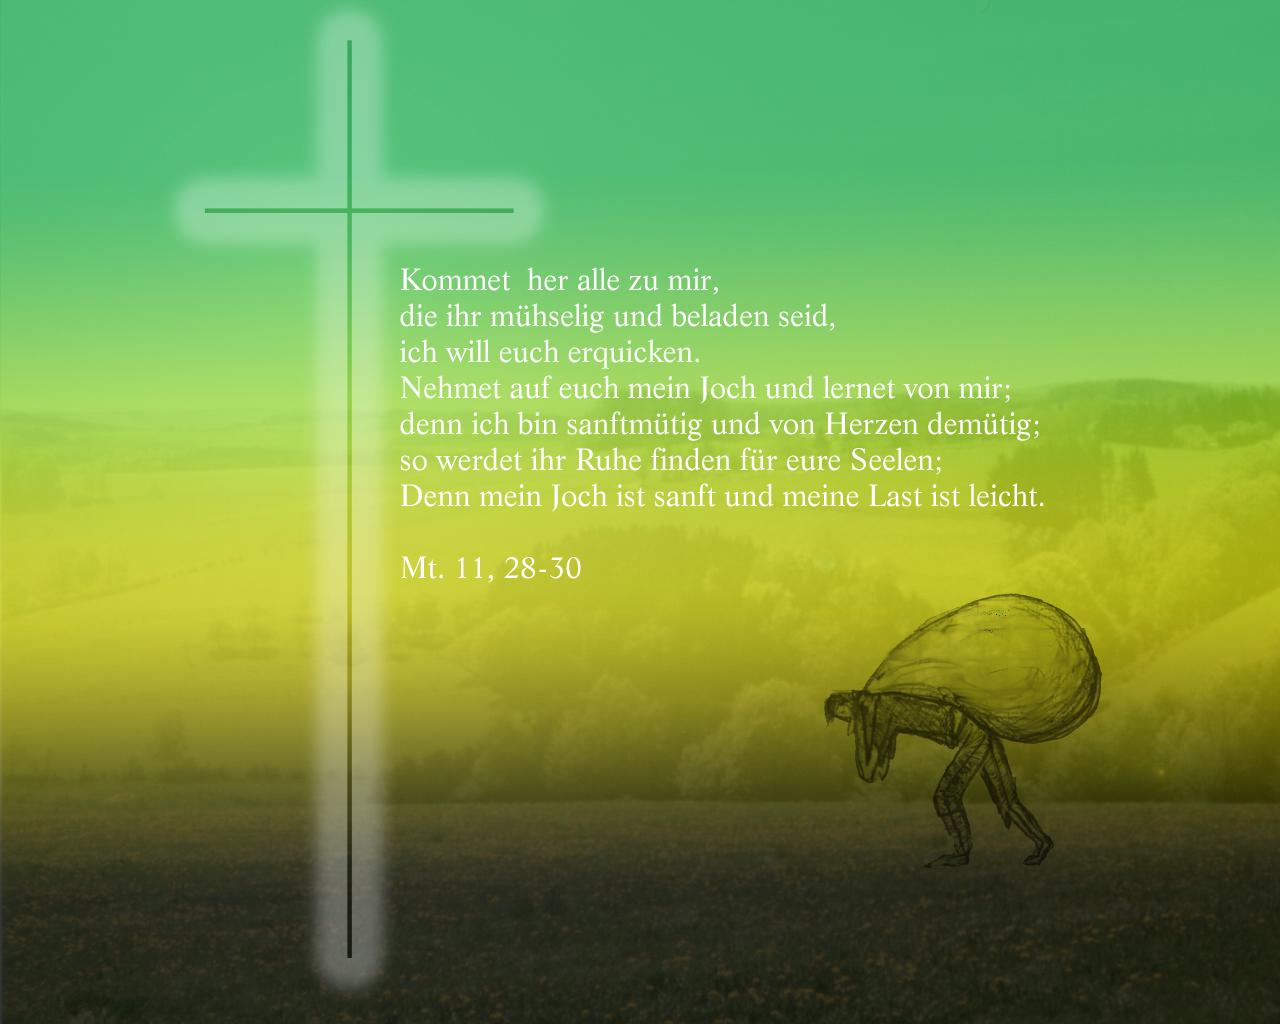 Kommet christliche hintergrundbilder - Christliche hintergrundbilder ...